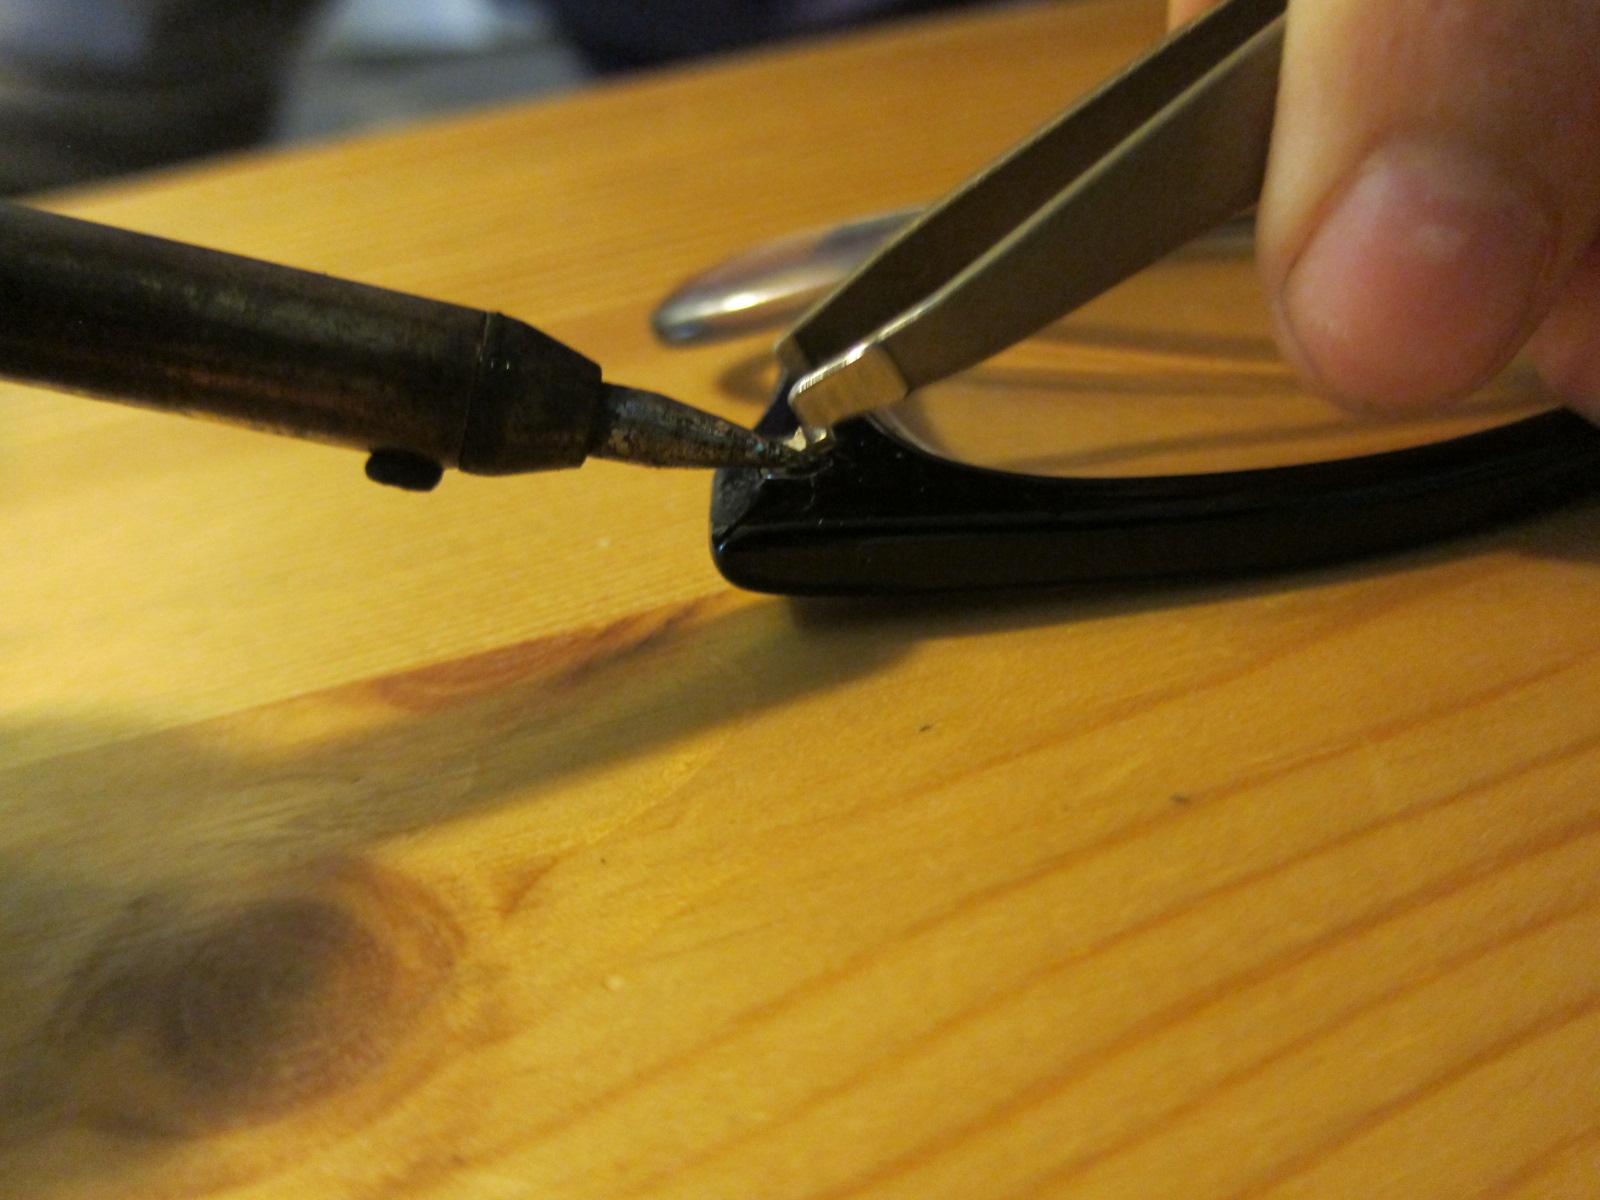 Glue Broken Glasses Frames : Replacing hinge in plastic-framed glasses :: the reality ...